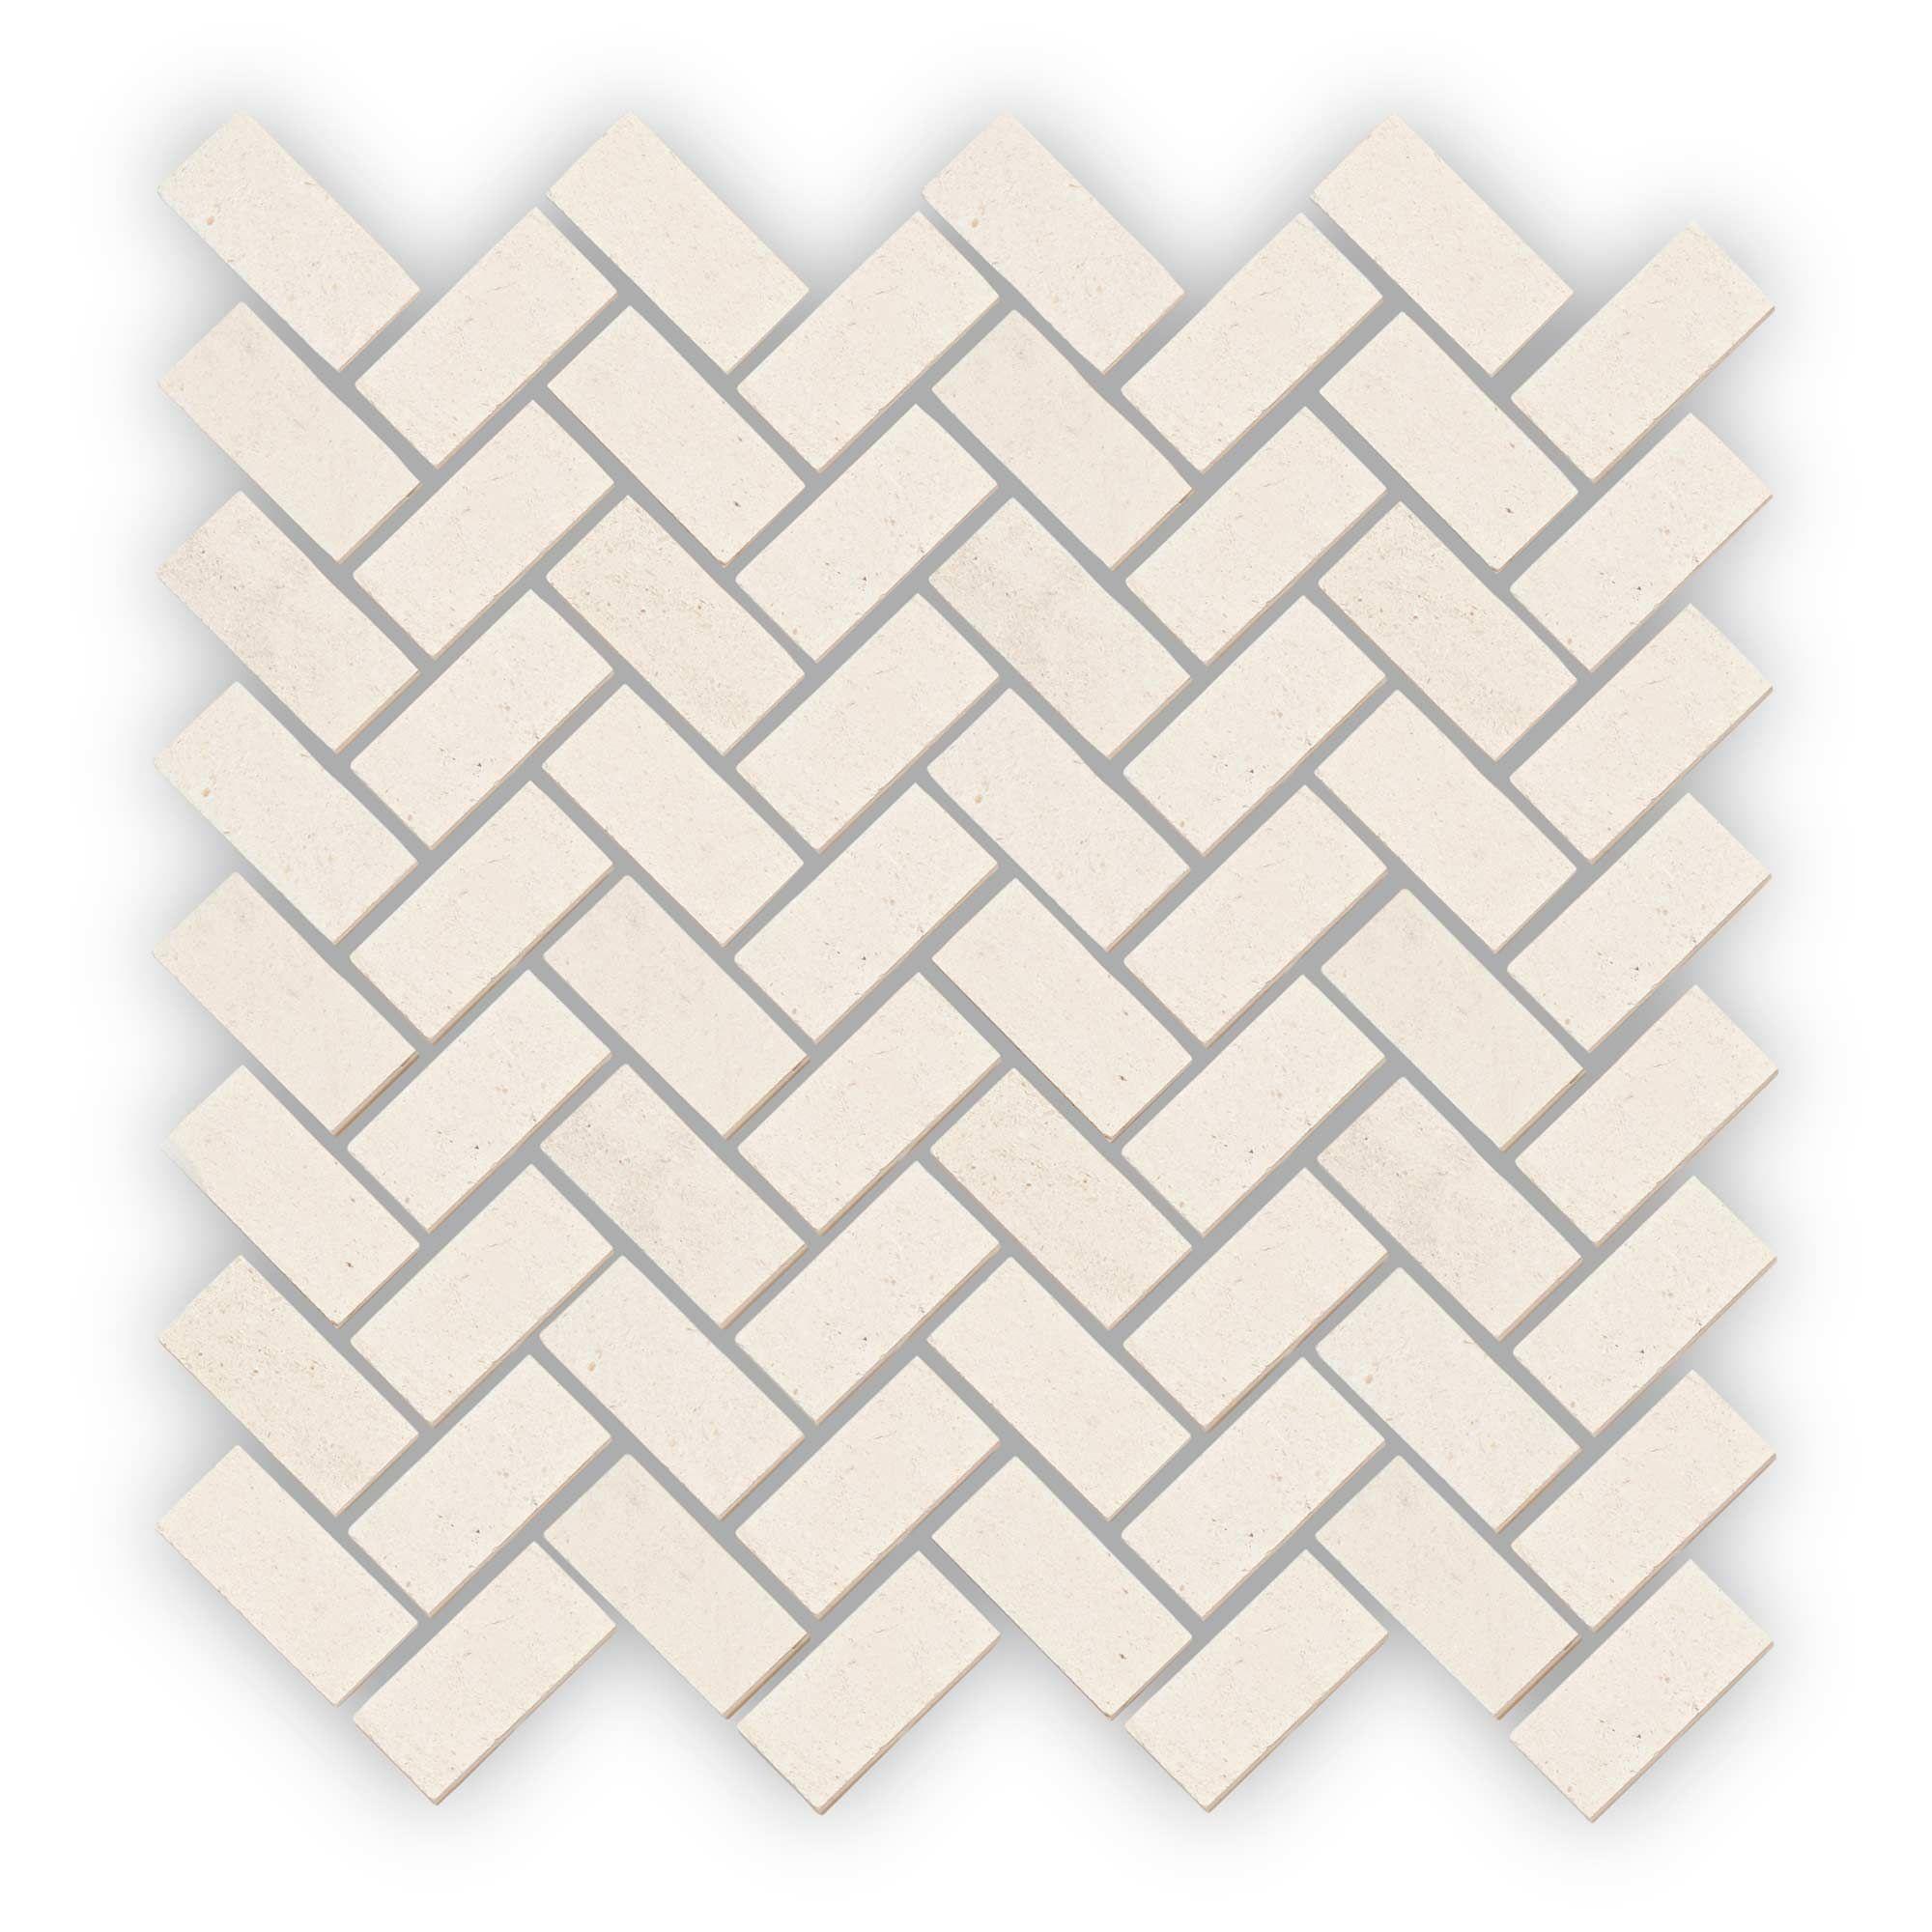 Palio Herringbone Mosaic